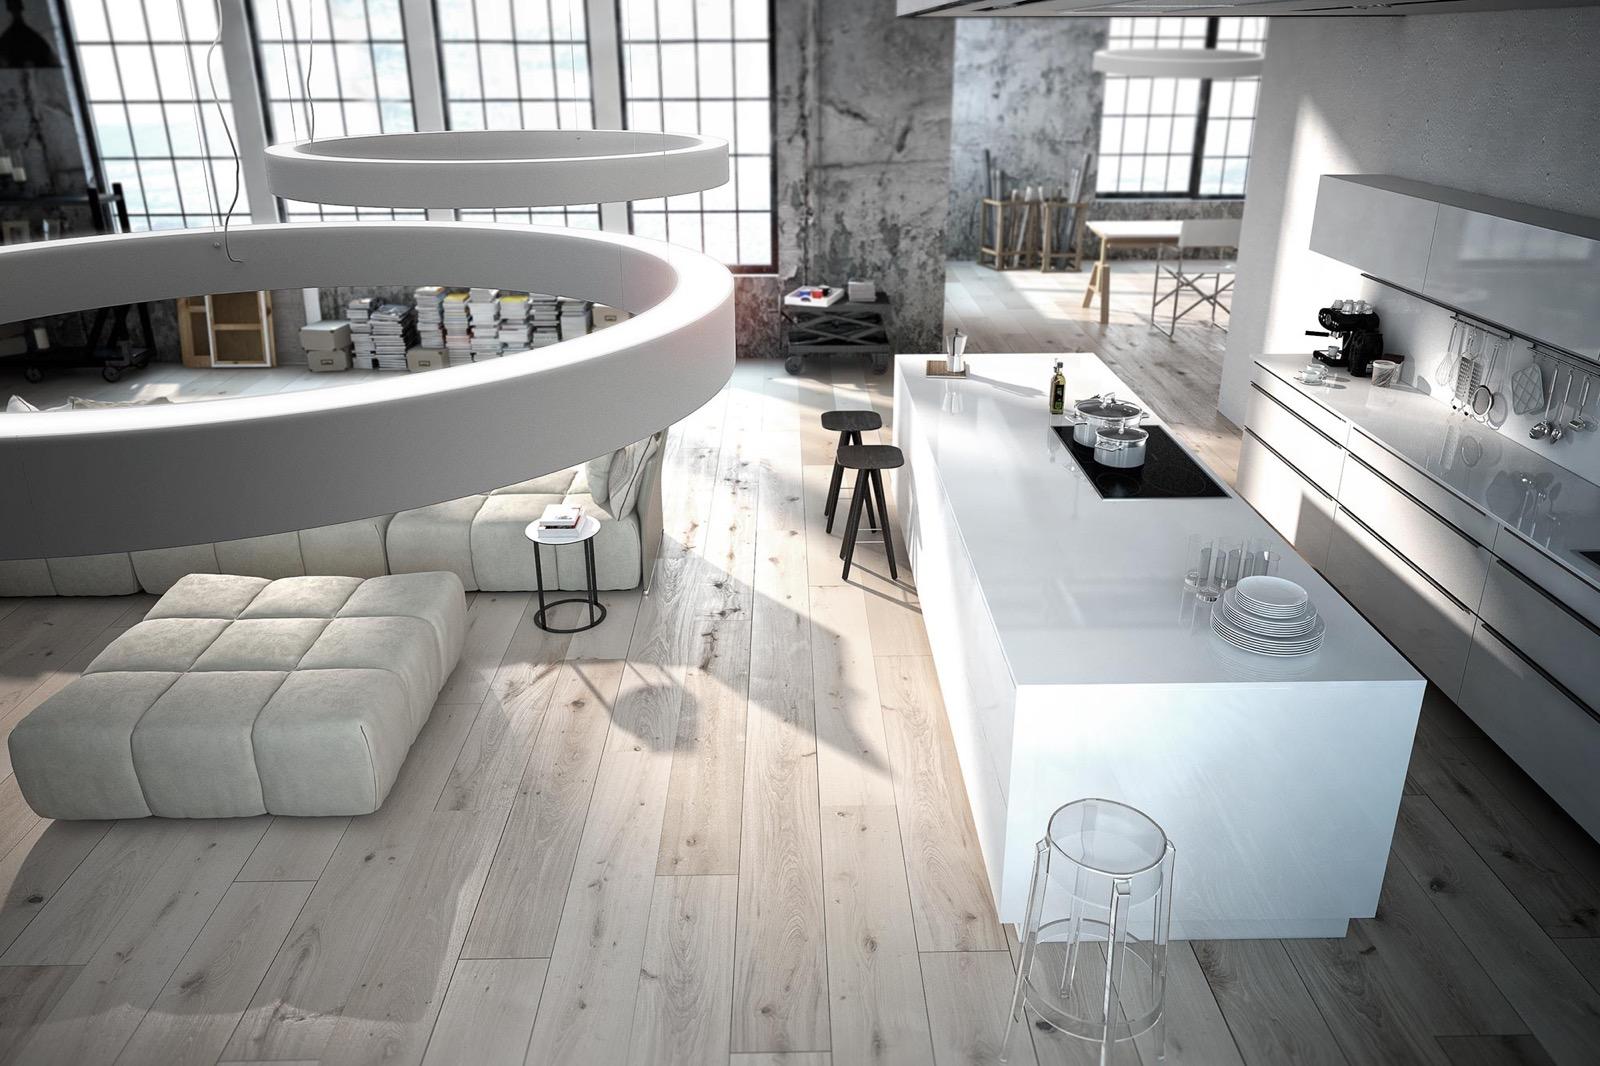 Le nostre migliori proposte per Arredamento Via Rembrant Milano Via Rembrant Milano